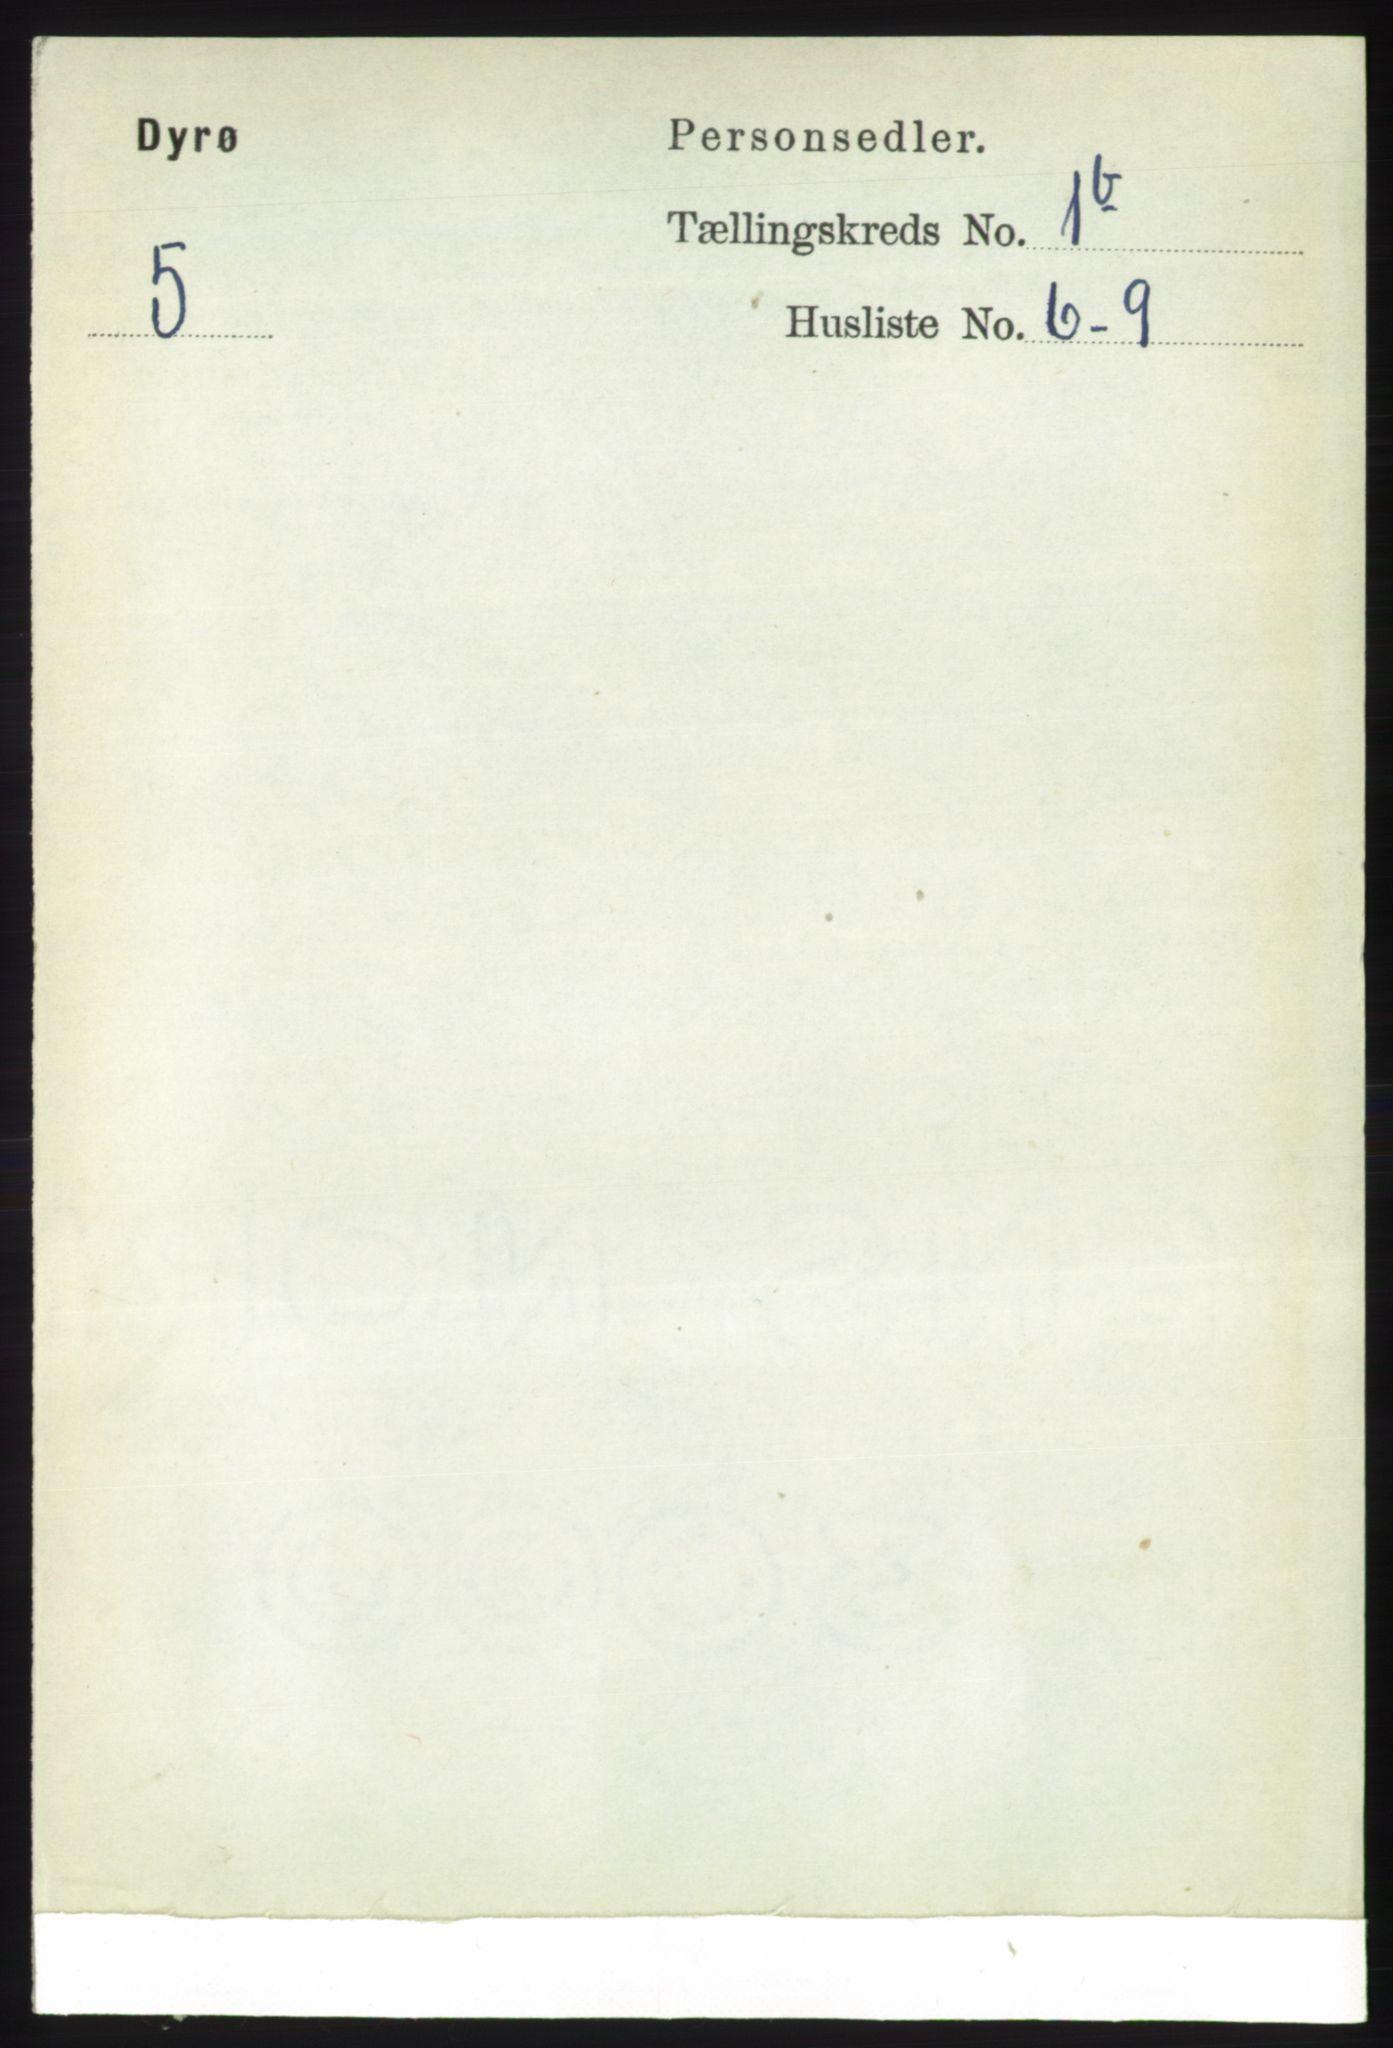 RA, Folketelling 1891 for 1926 Dyrøy herred, 1891, s. 417